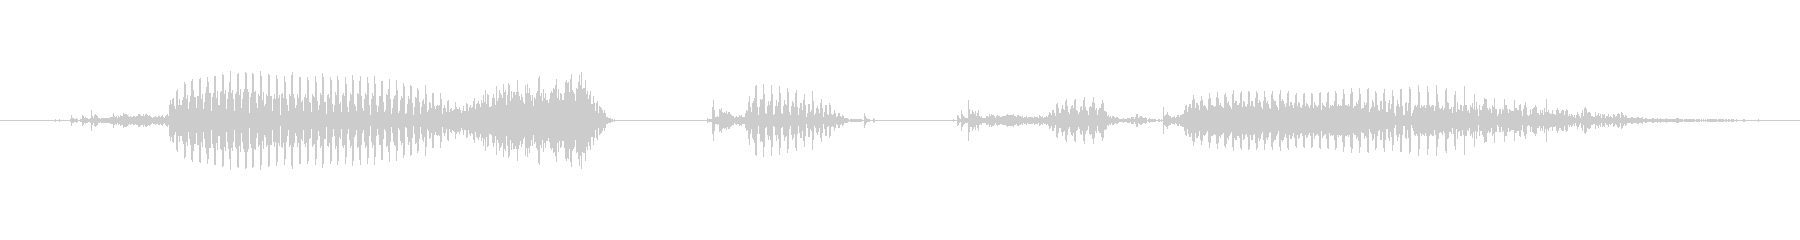 クエストクリア!の未再生の波形